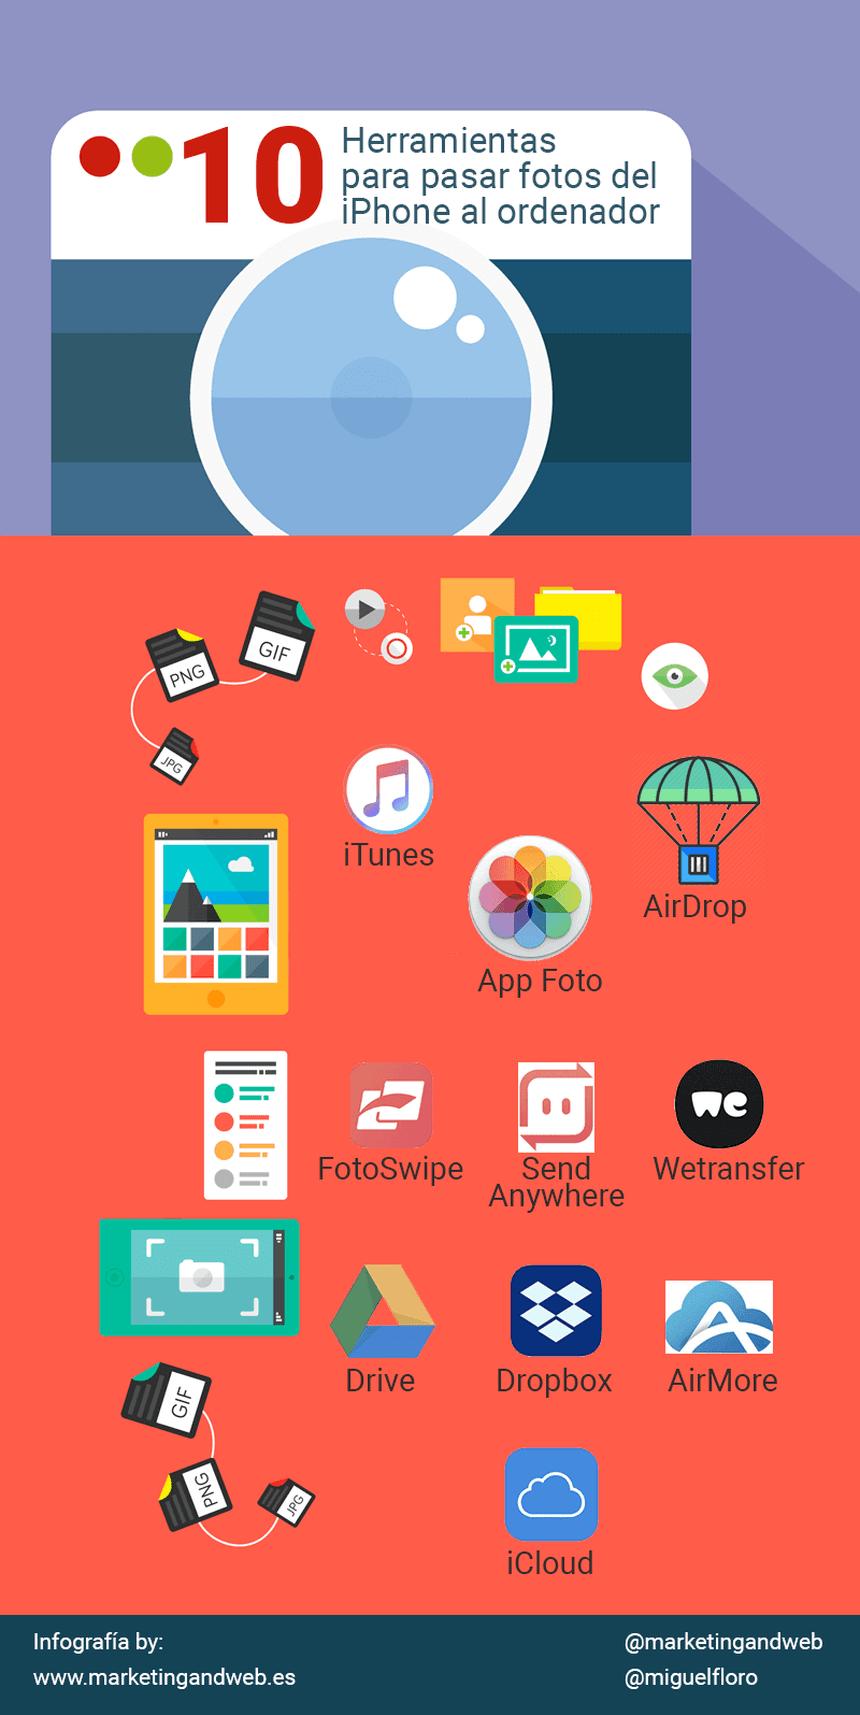 10 herramientas para pasar las fotos del iPhone a tu ordenador #infografia #infographic #apple